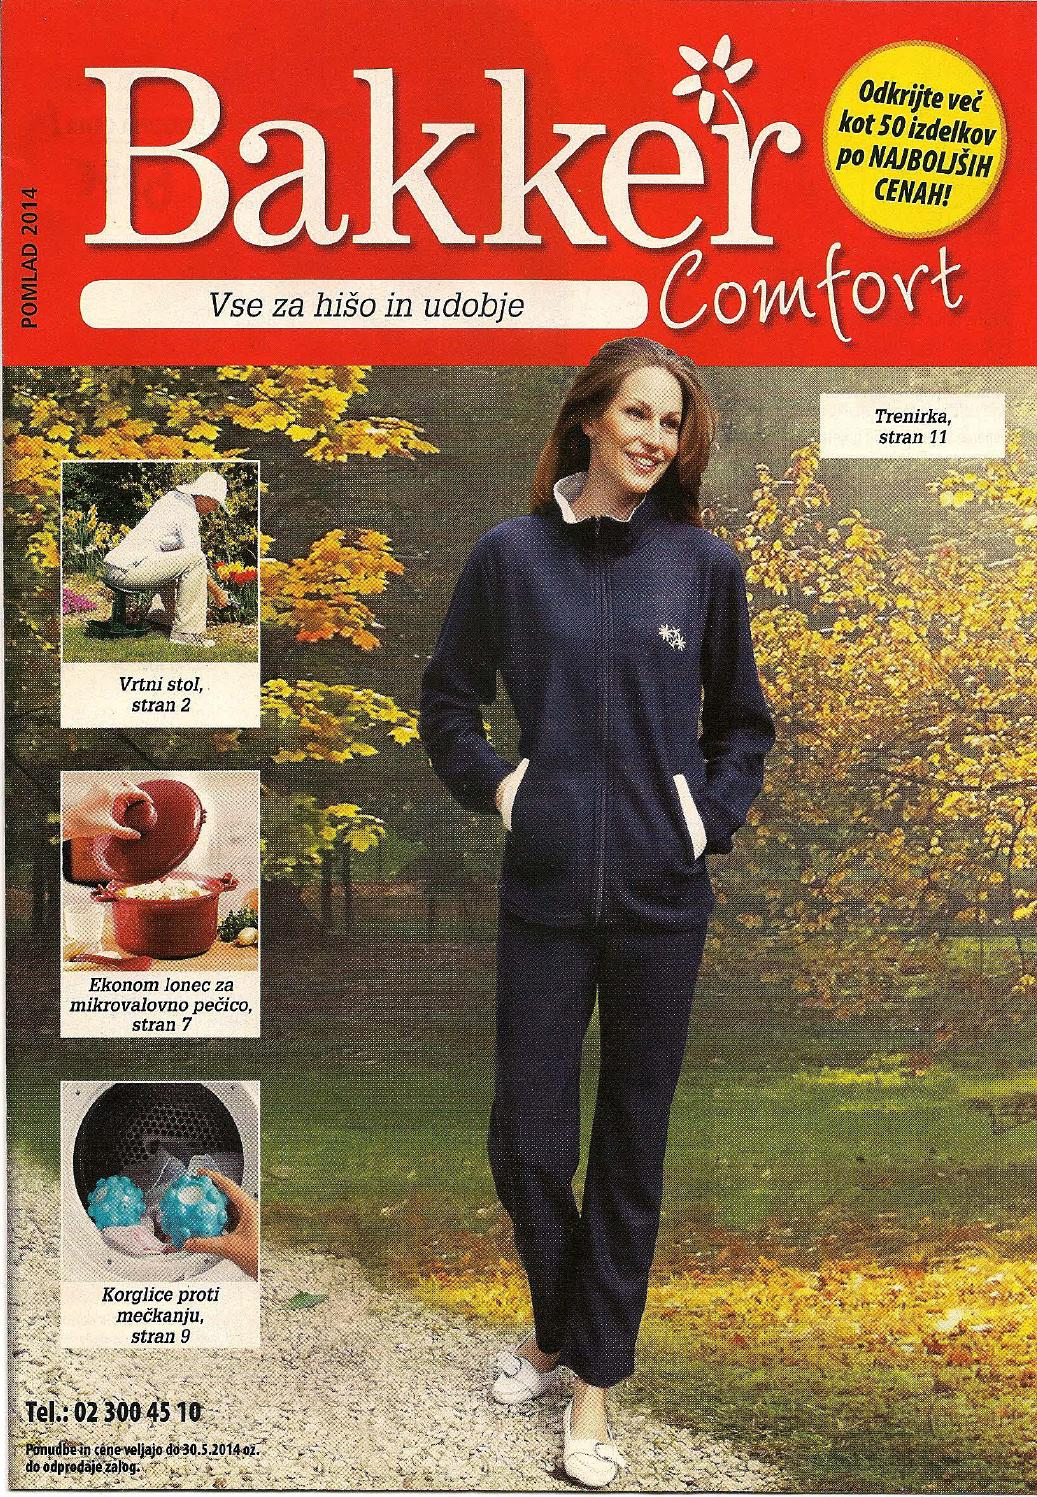 bakker katalog comfort pomlad 2014 by issuu. Black Bedroom Furniture Sets. Home Design Ideas